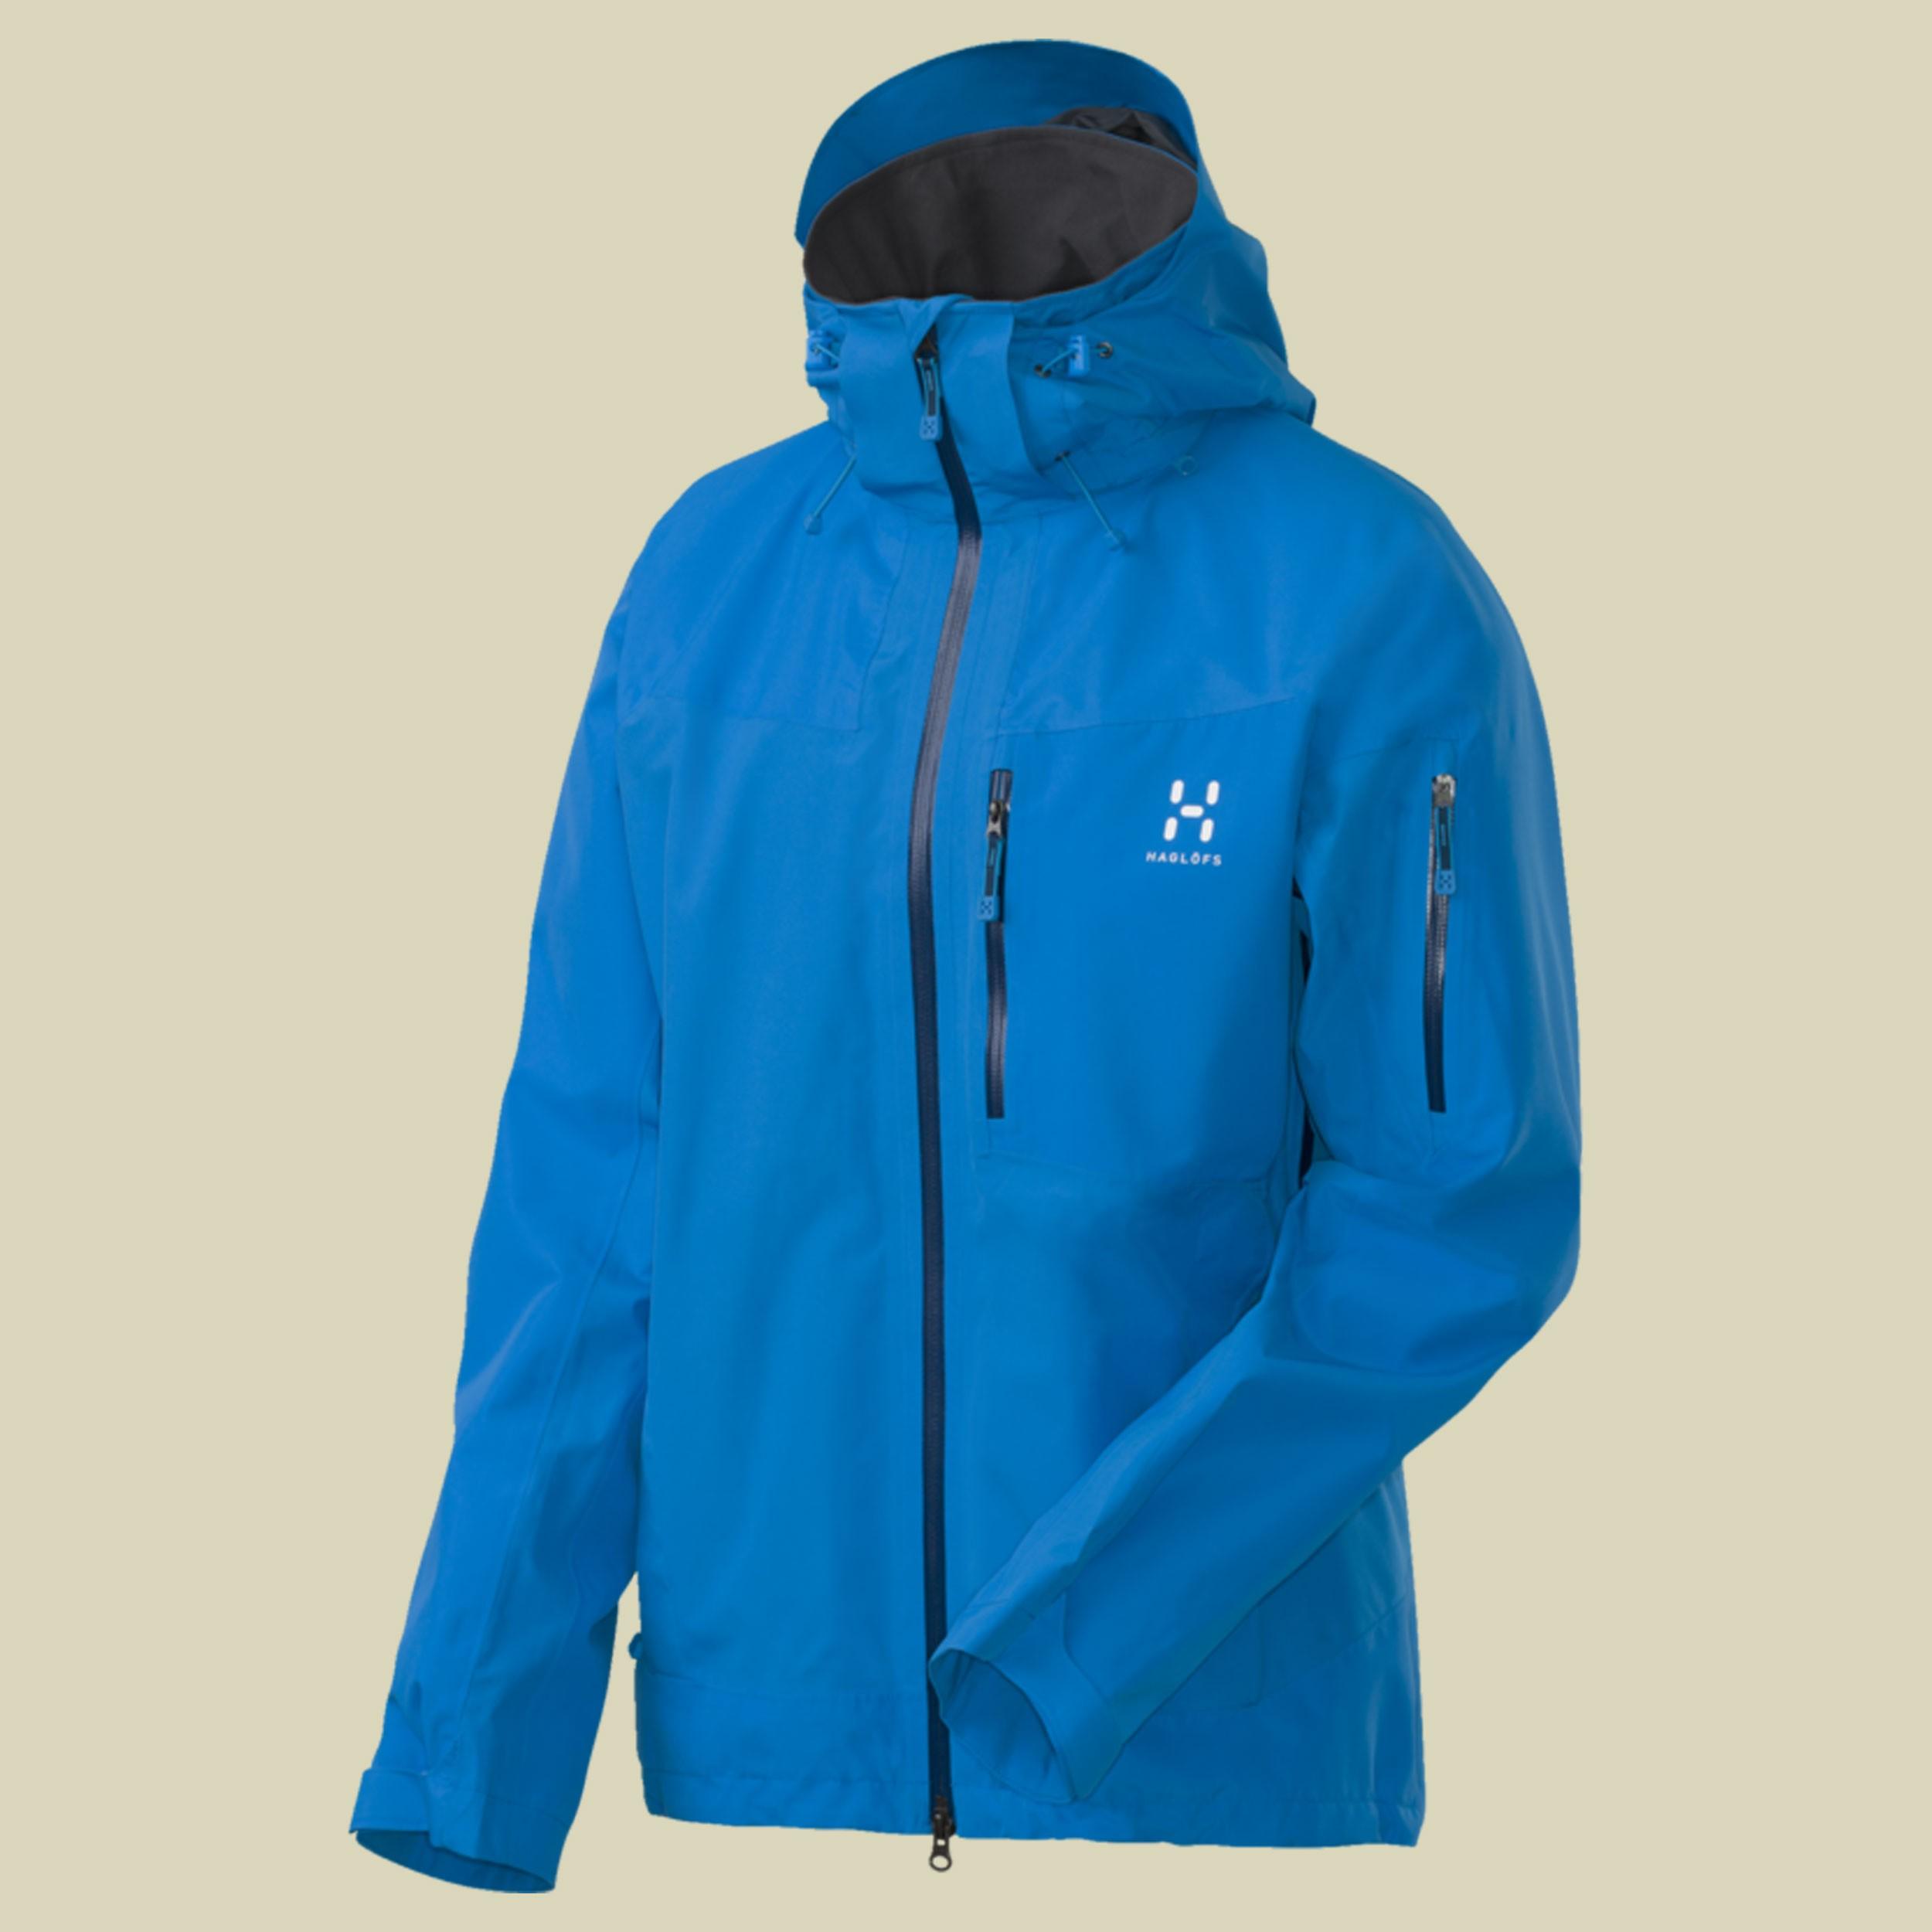 Verte II Jacket